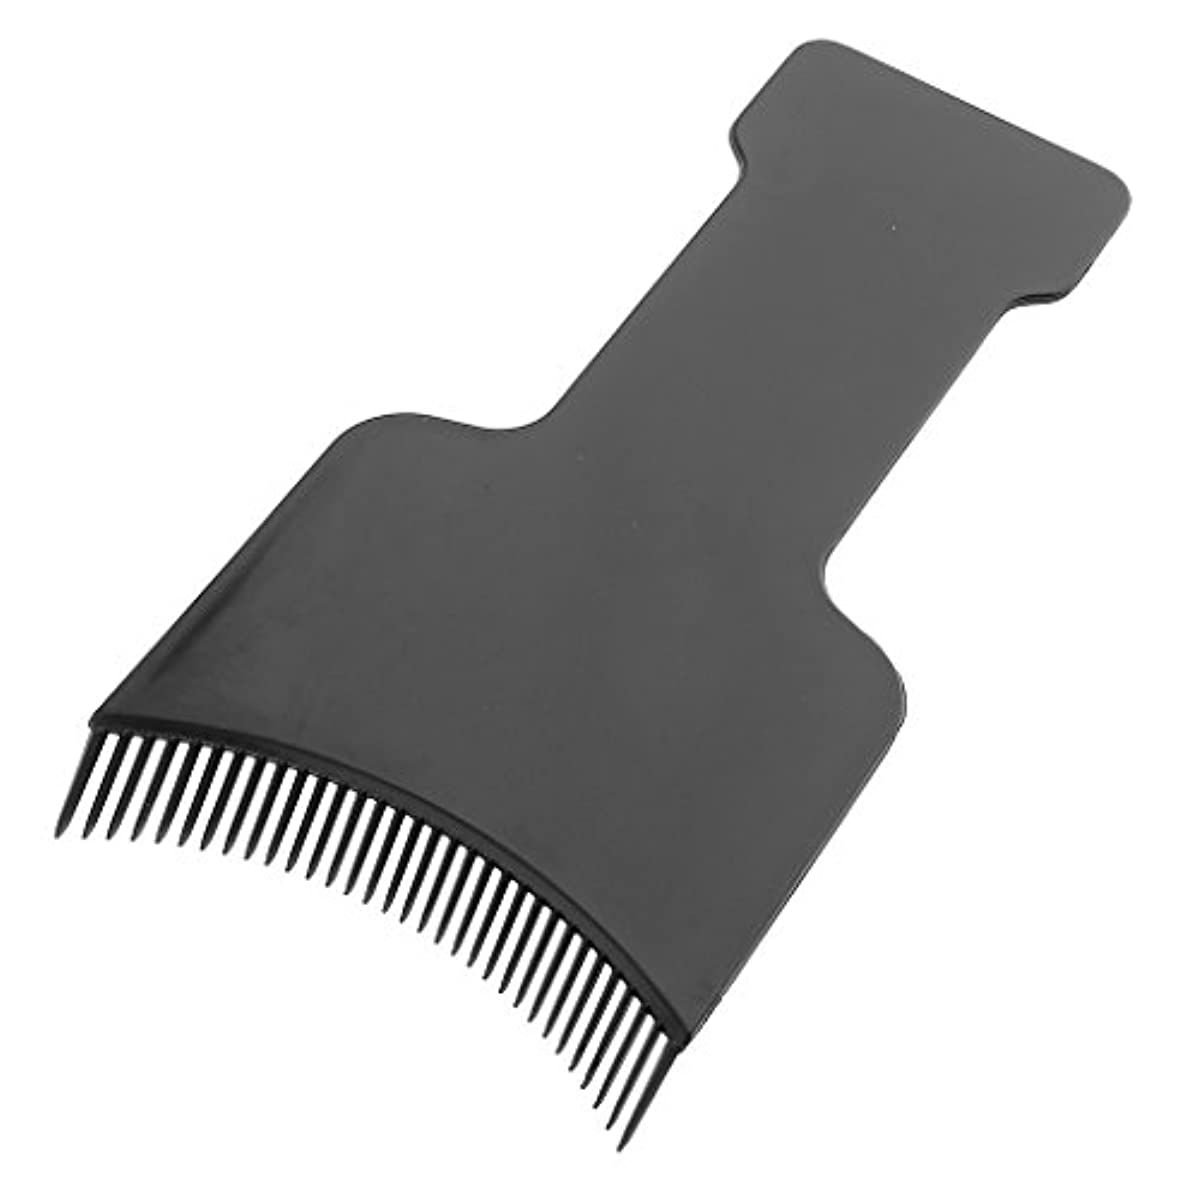 散歩移民以上ヘアカラーボード サロン ヘアカラー 美容 ヘア ツール 髪 保護 ブラック 全4サイズ - S